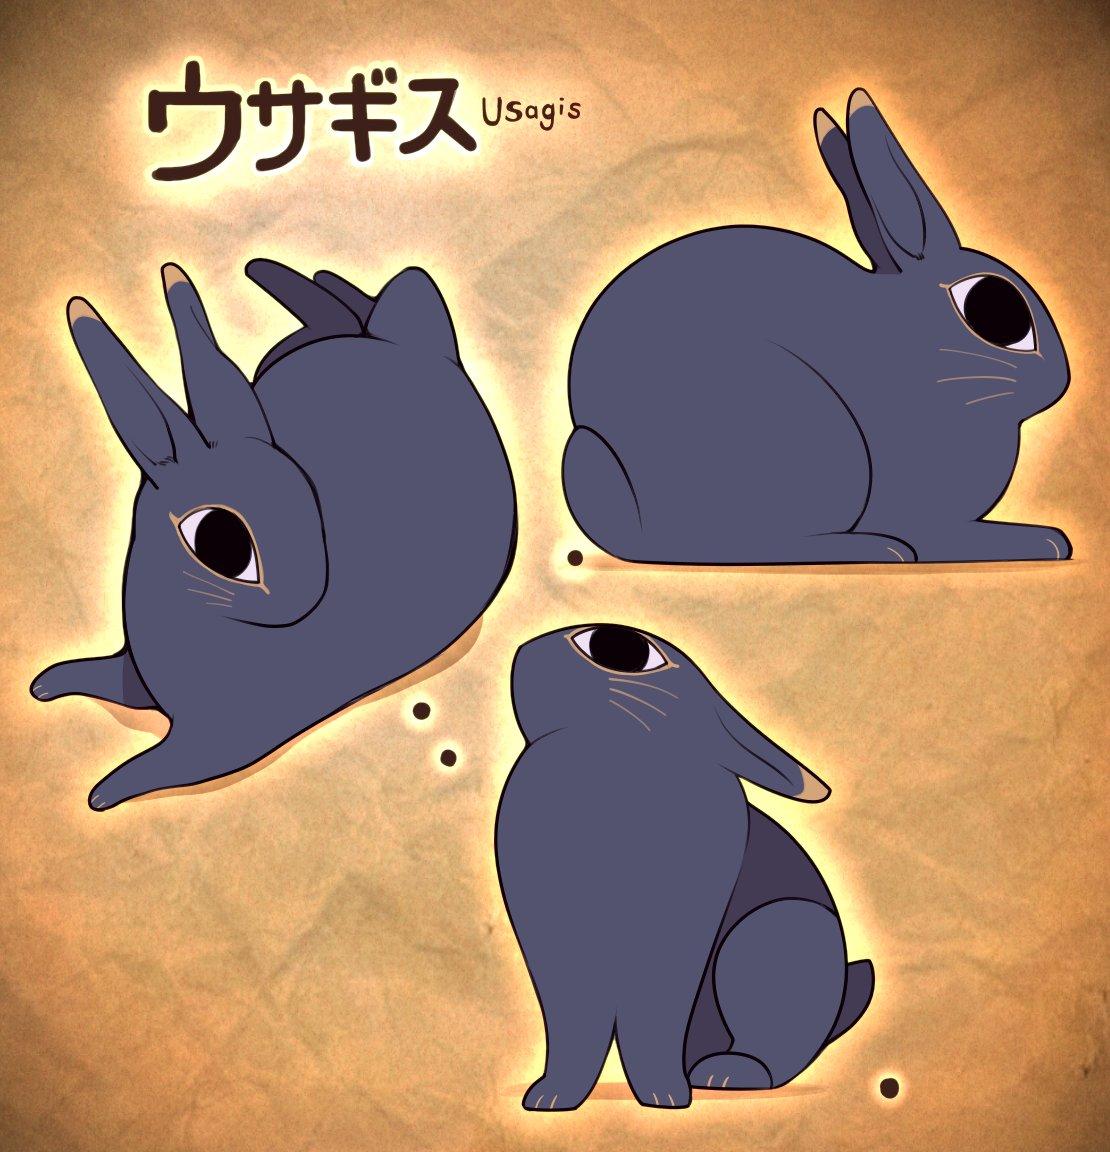 うさぎの神ウサギス